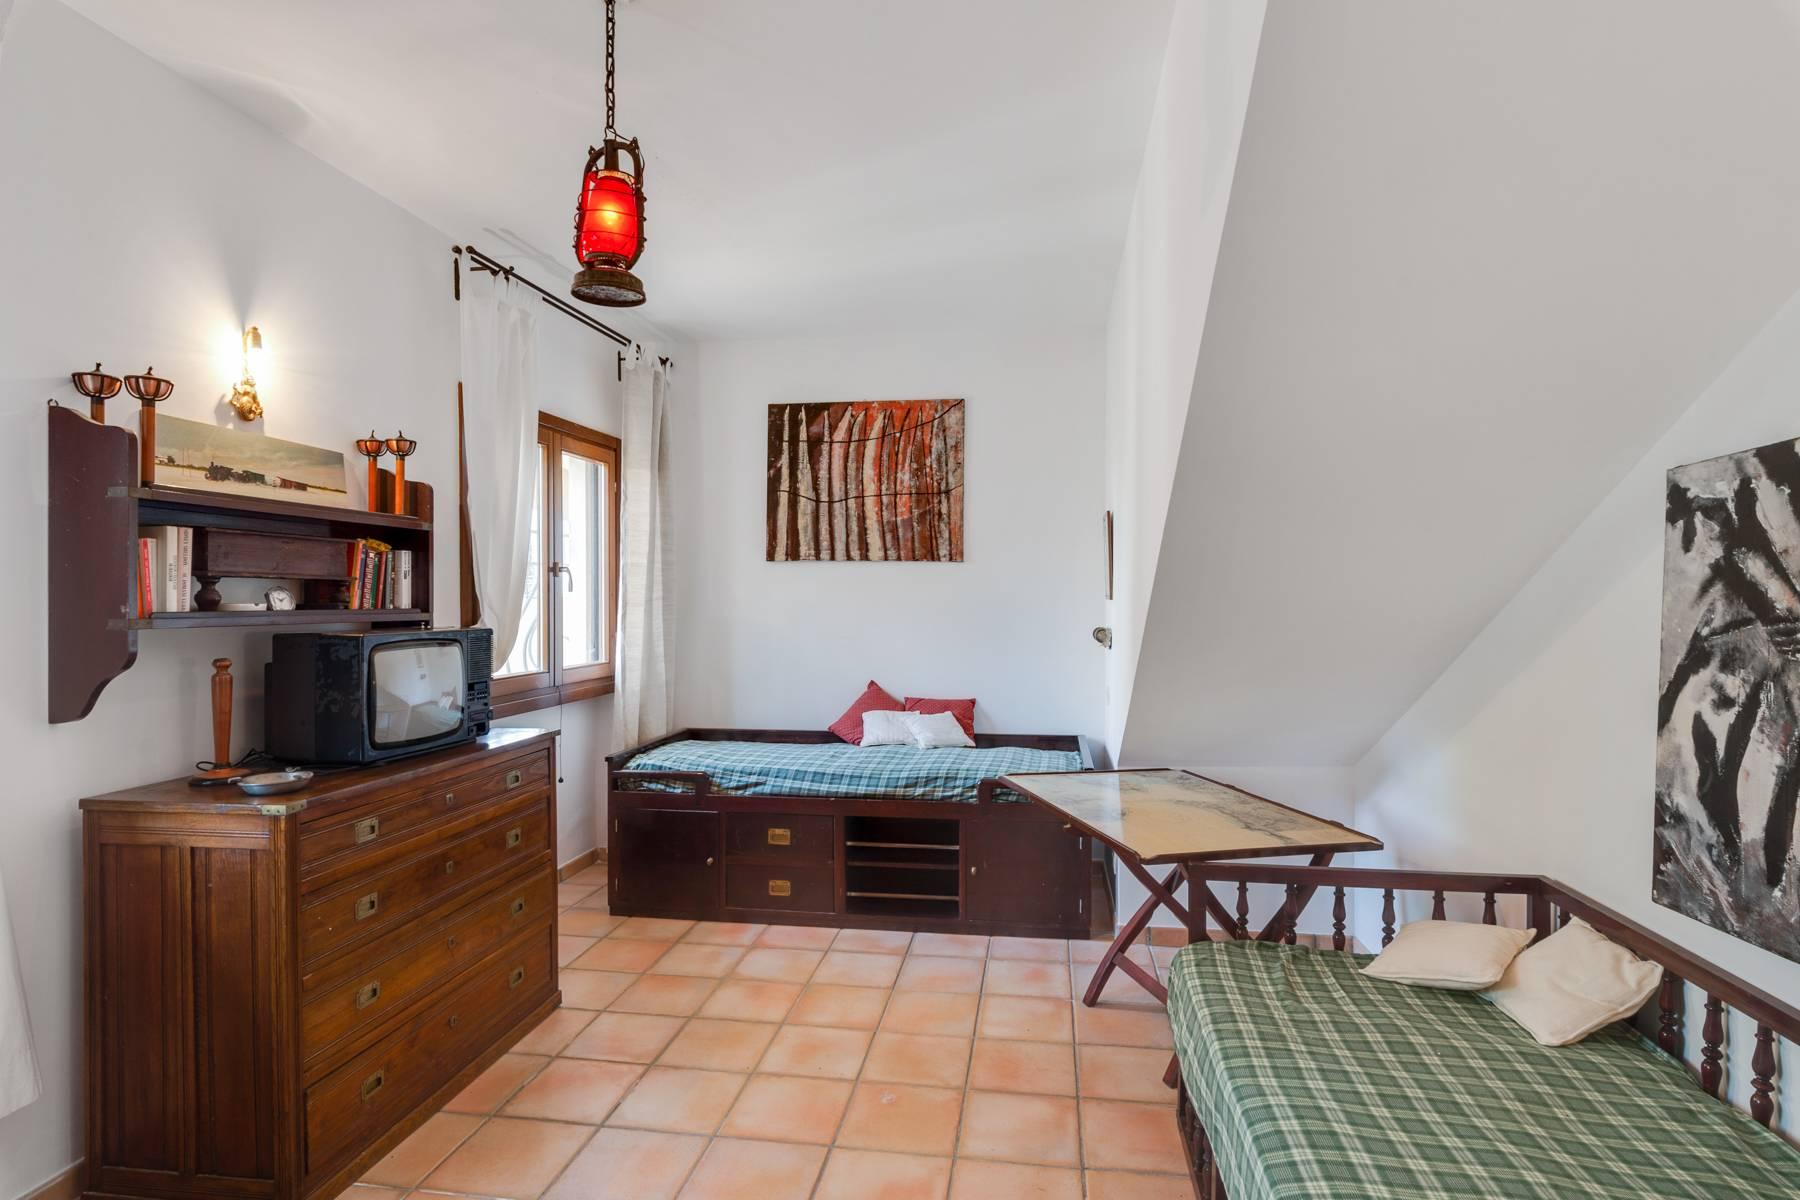 Villa in Vendita a Montalto Di Castro: 5 locali, 231 mq - Foto 10